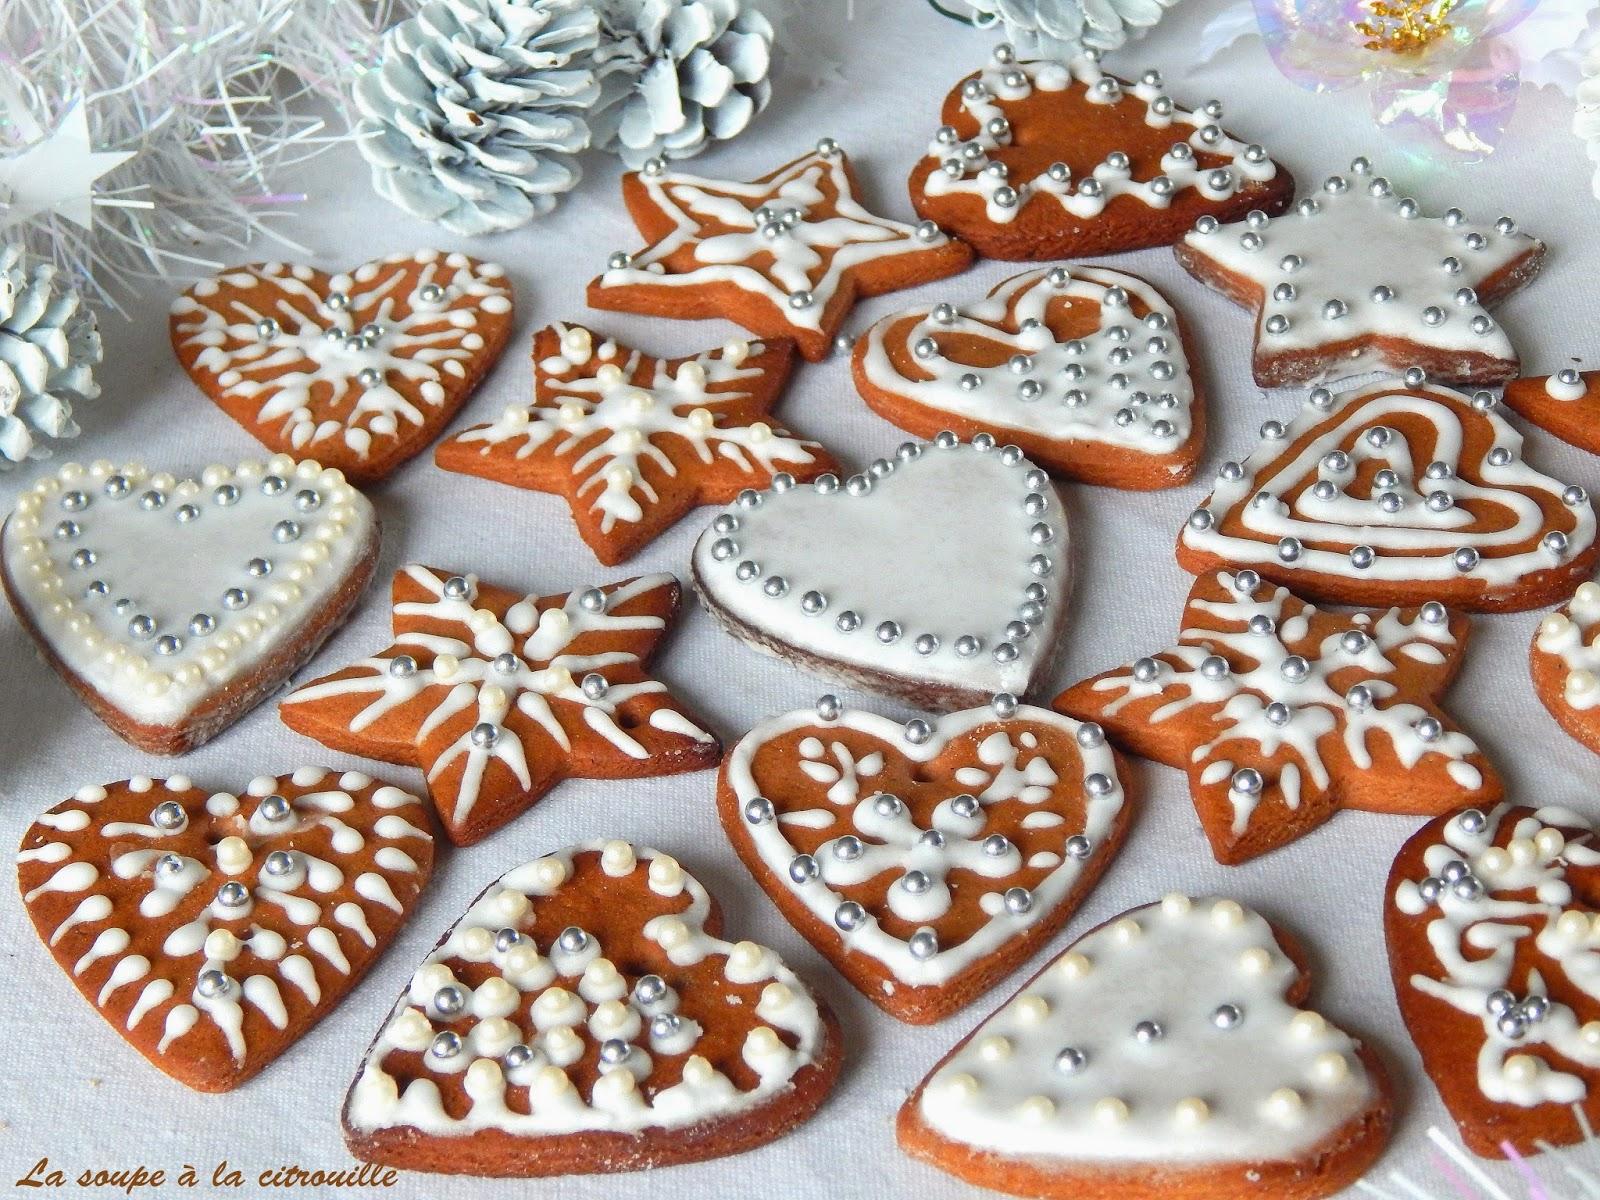 Decoration Biscuit Noel.Comment Faire La Decoration Des Biscuits De Noel